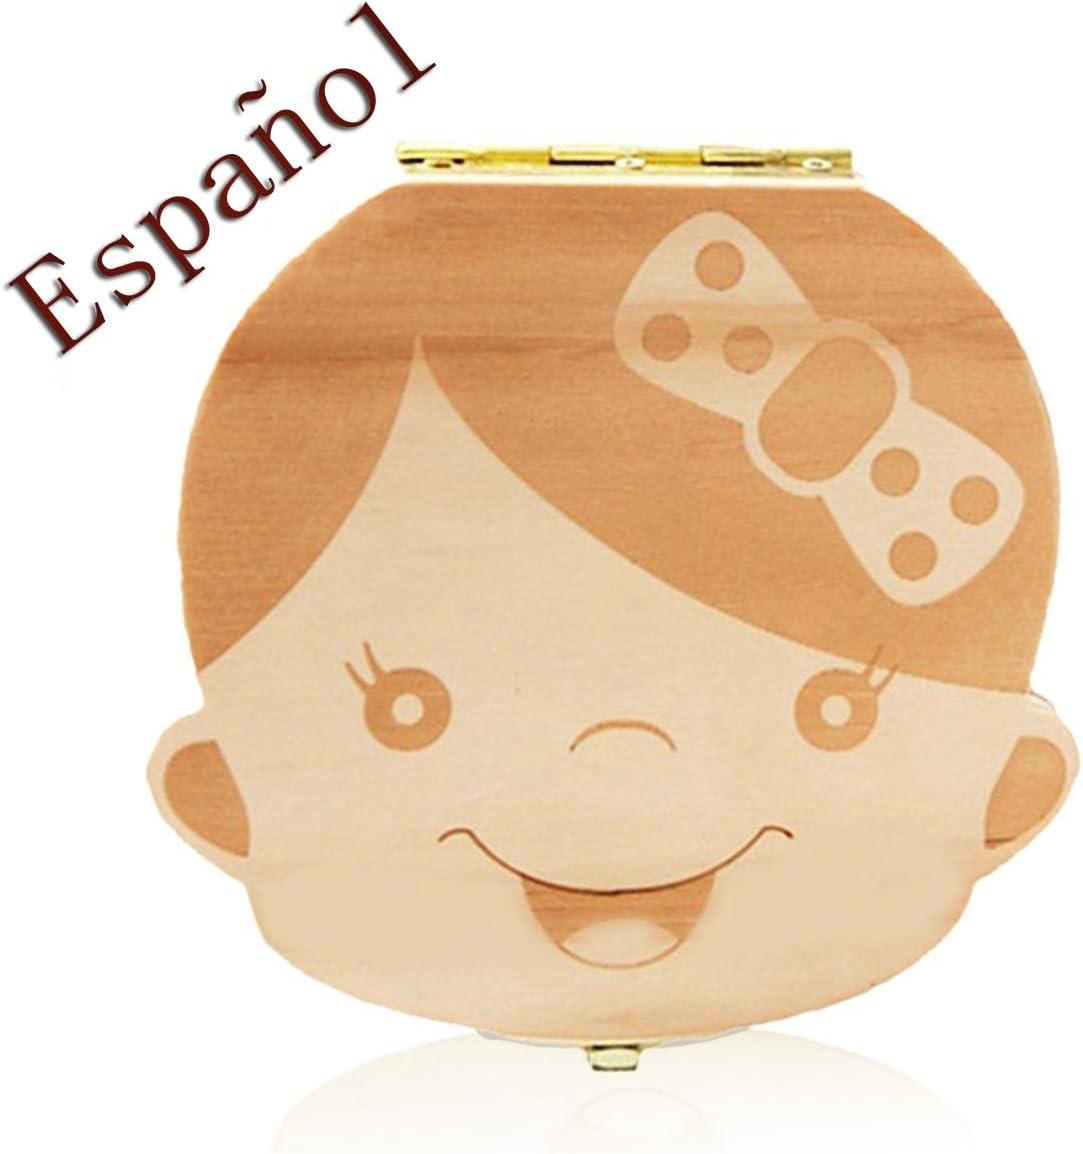 Outflower Madera de Caja Almacenamiento de Dientes Leches Caja de Reci/én Nacidos Recuerdo para Beb/és Regalos ni/ña